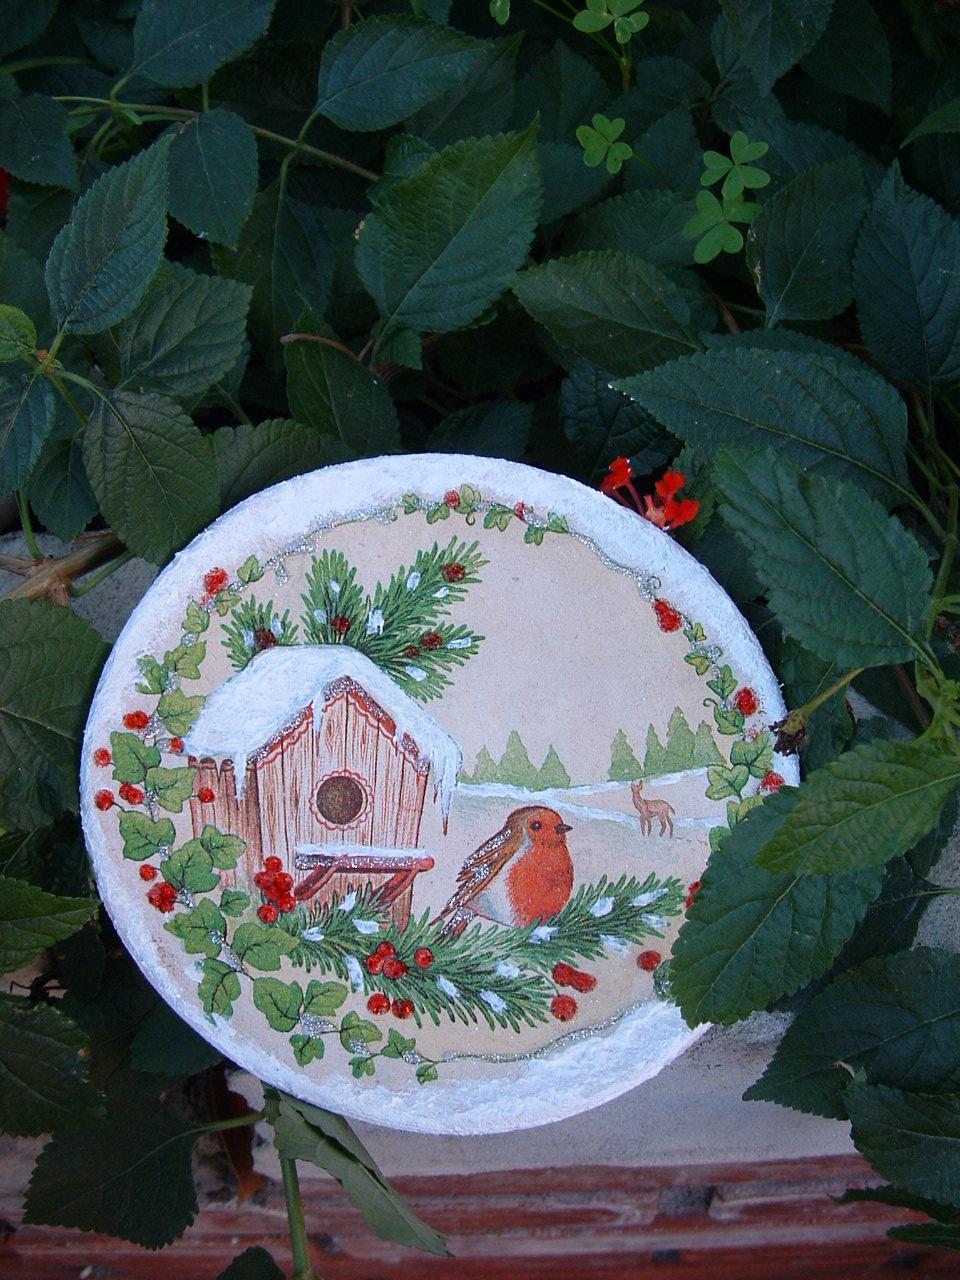 Il bruco idee regalo natalizie decoupage su terracotta for Idee regali